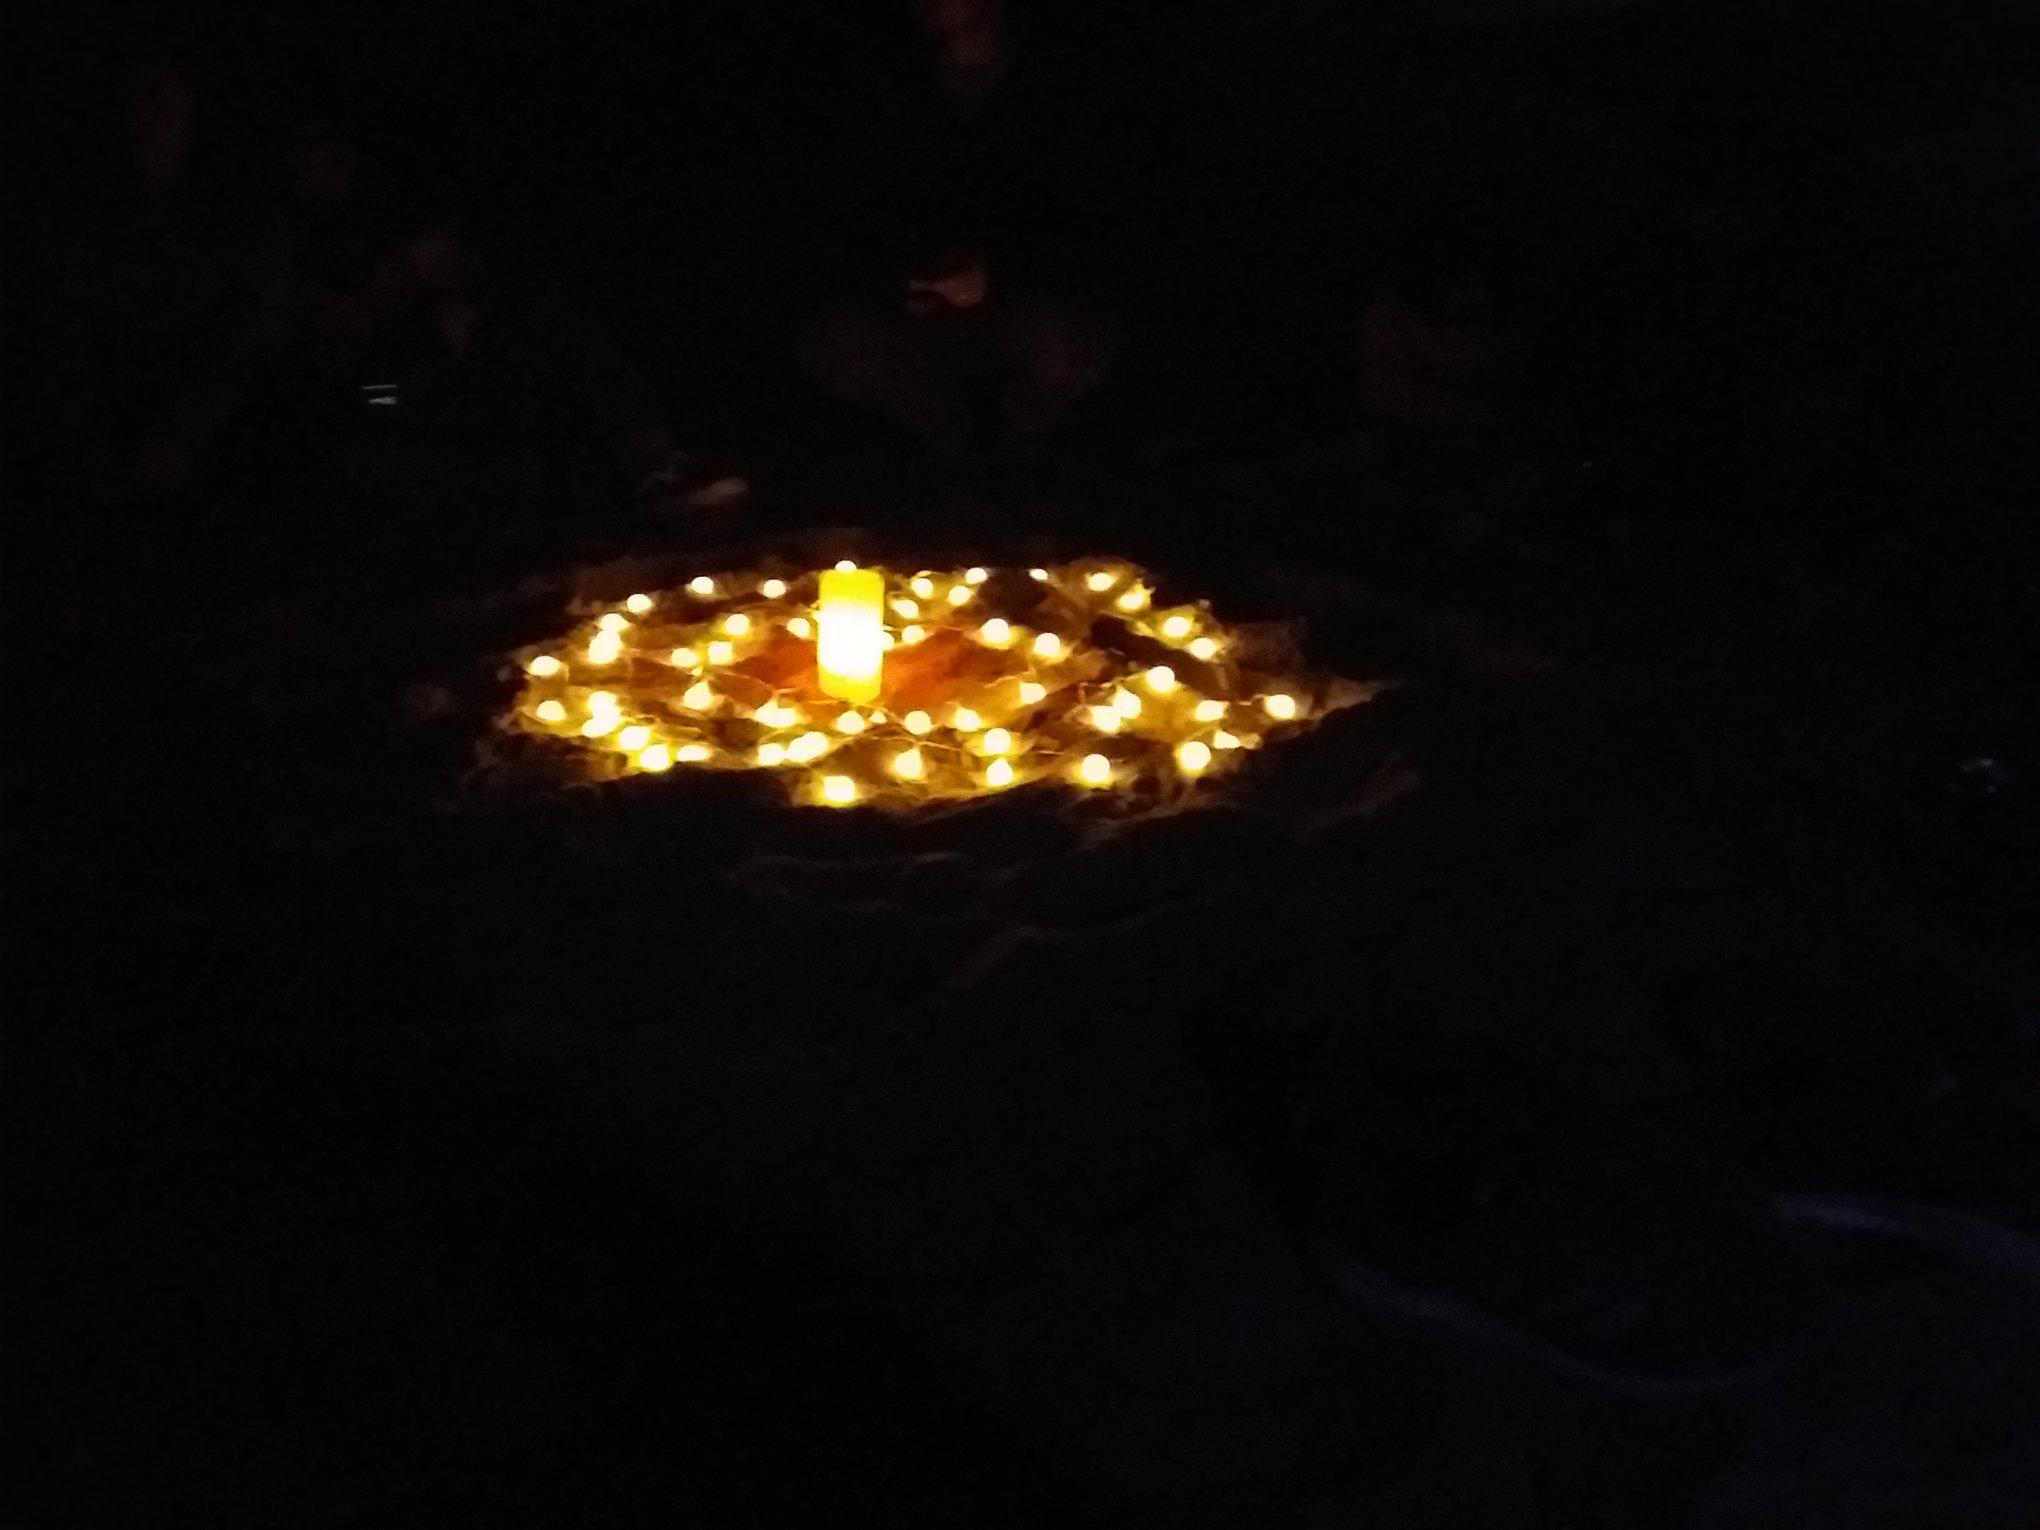 Oración en comunidad. Domingo 22 de marzo. 20: 00 hrs.